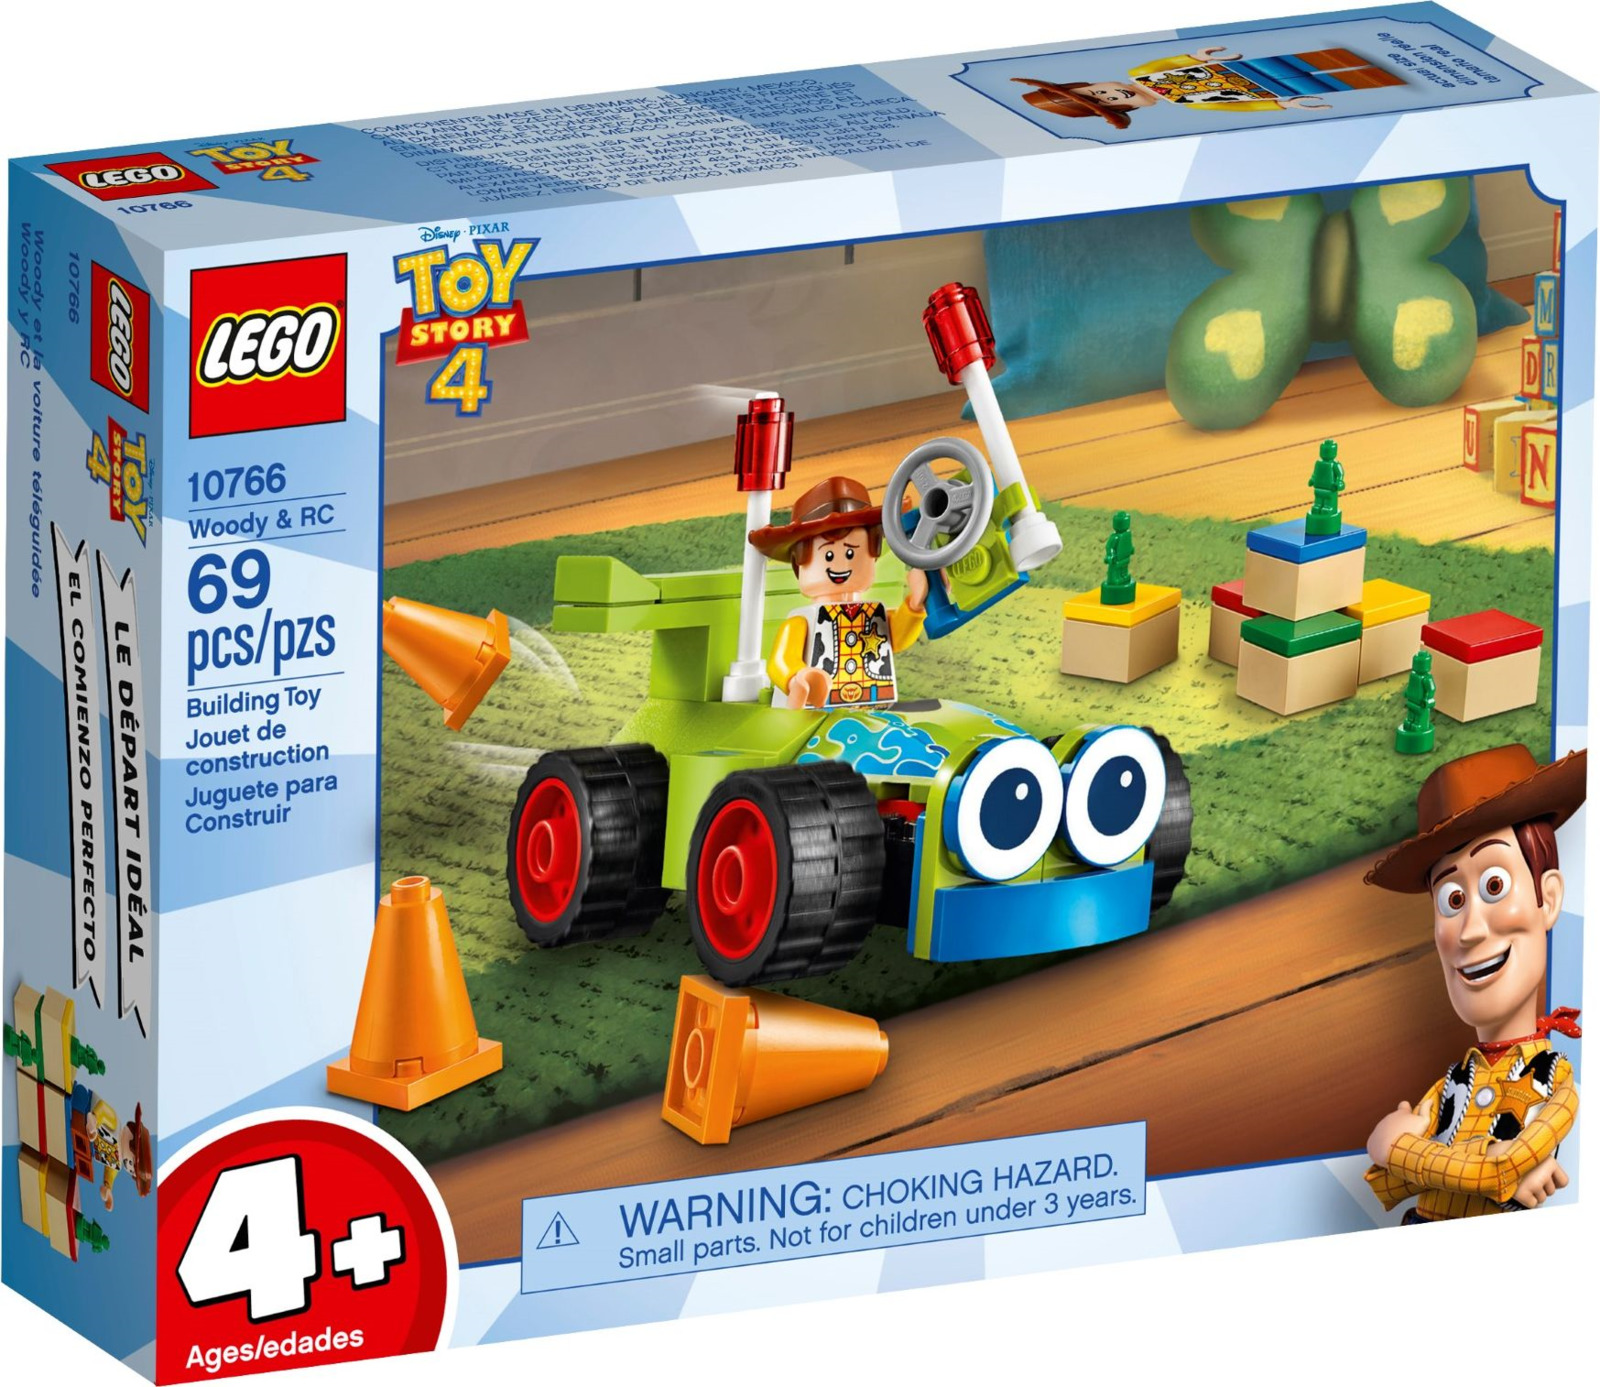 Пластиковый конструктор LEGO 10766